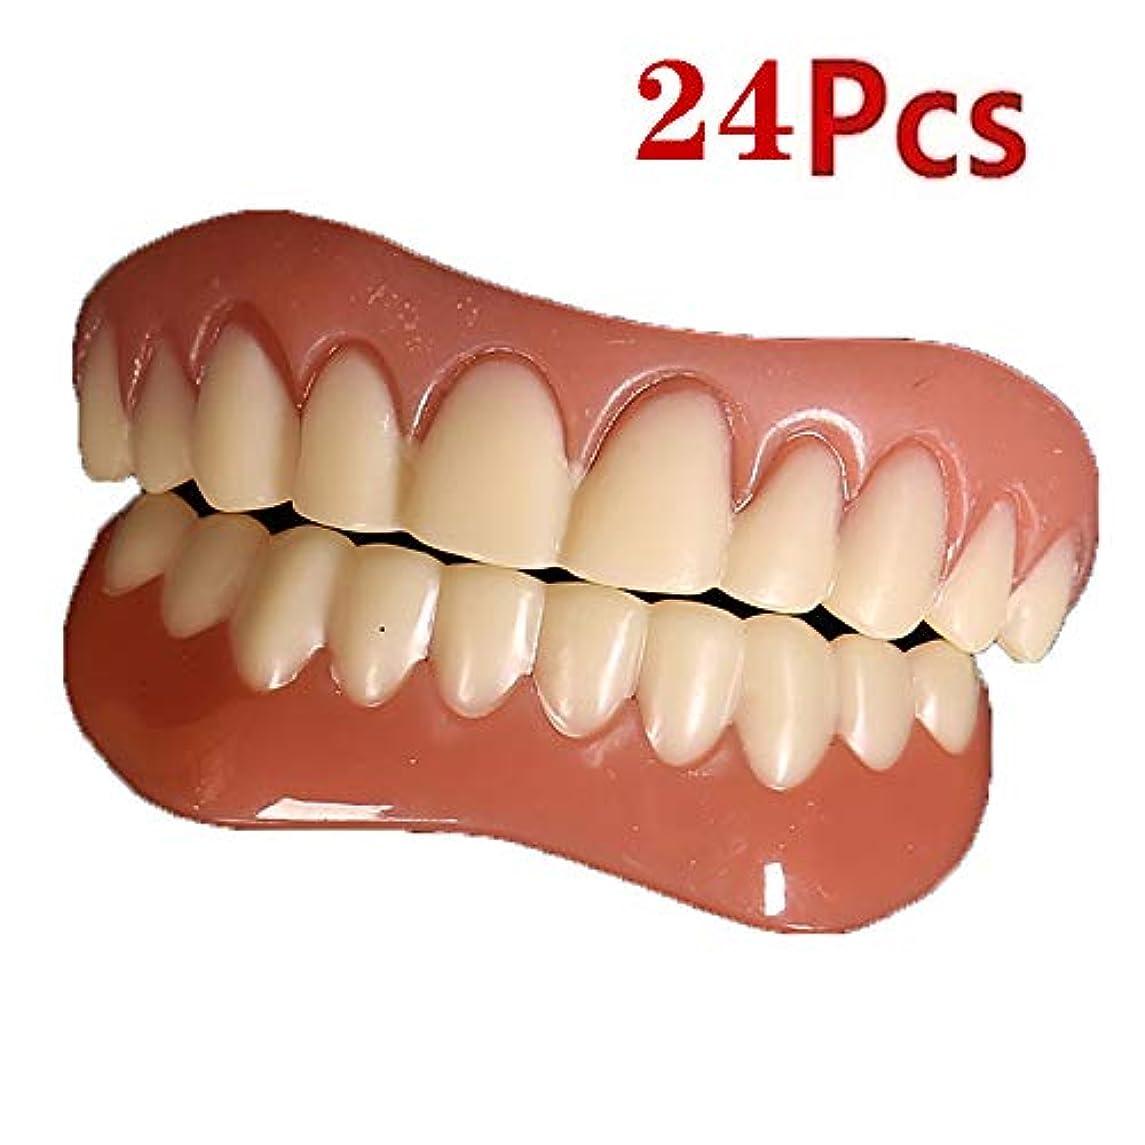 表示ソブリケットインテリア12セット完璧な笑顔のベニヤダブ悪い歯のための歯の修正のための在庫で完璧な笑顔のベニヤ歯ホワイトニング